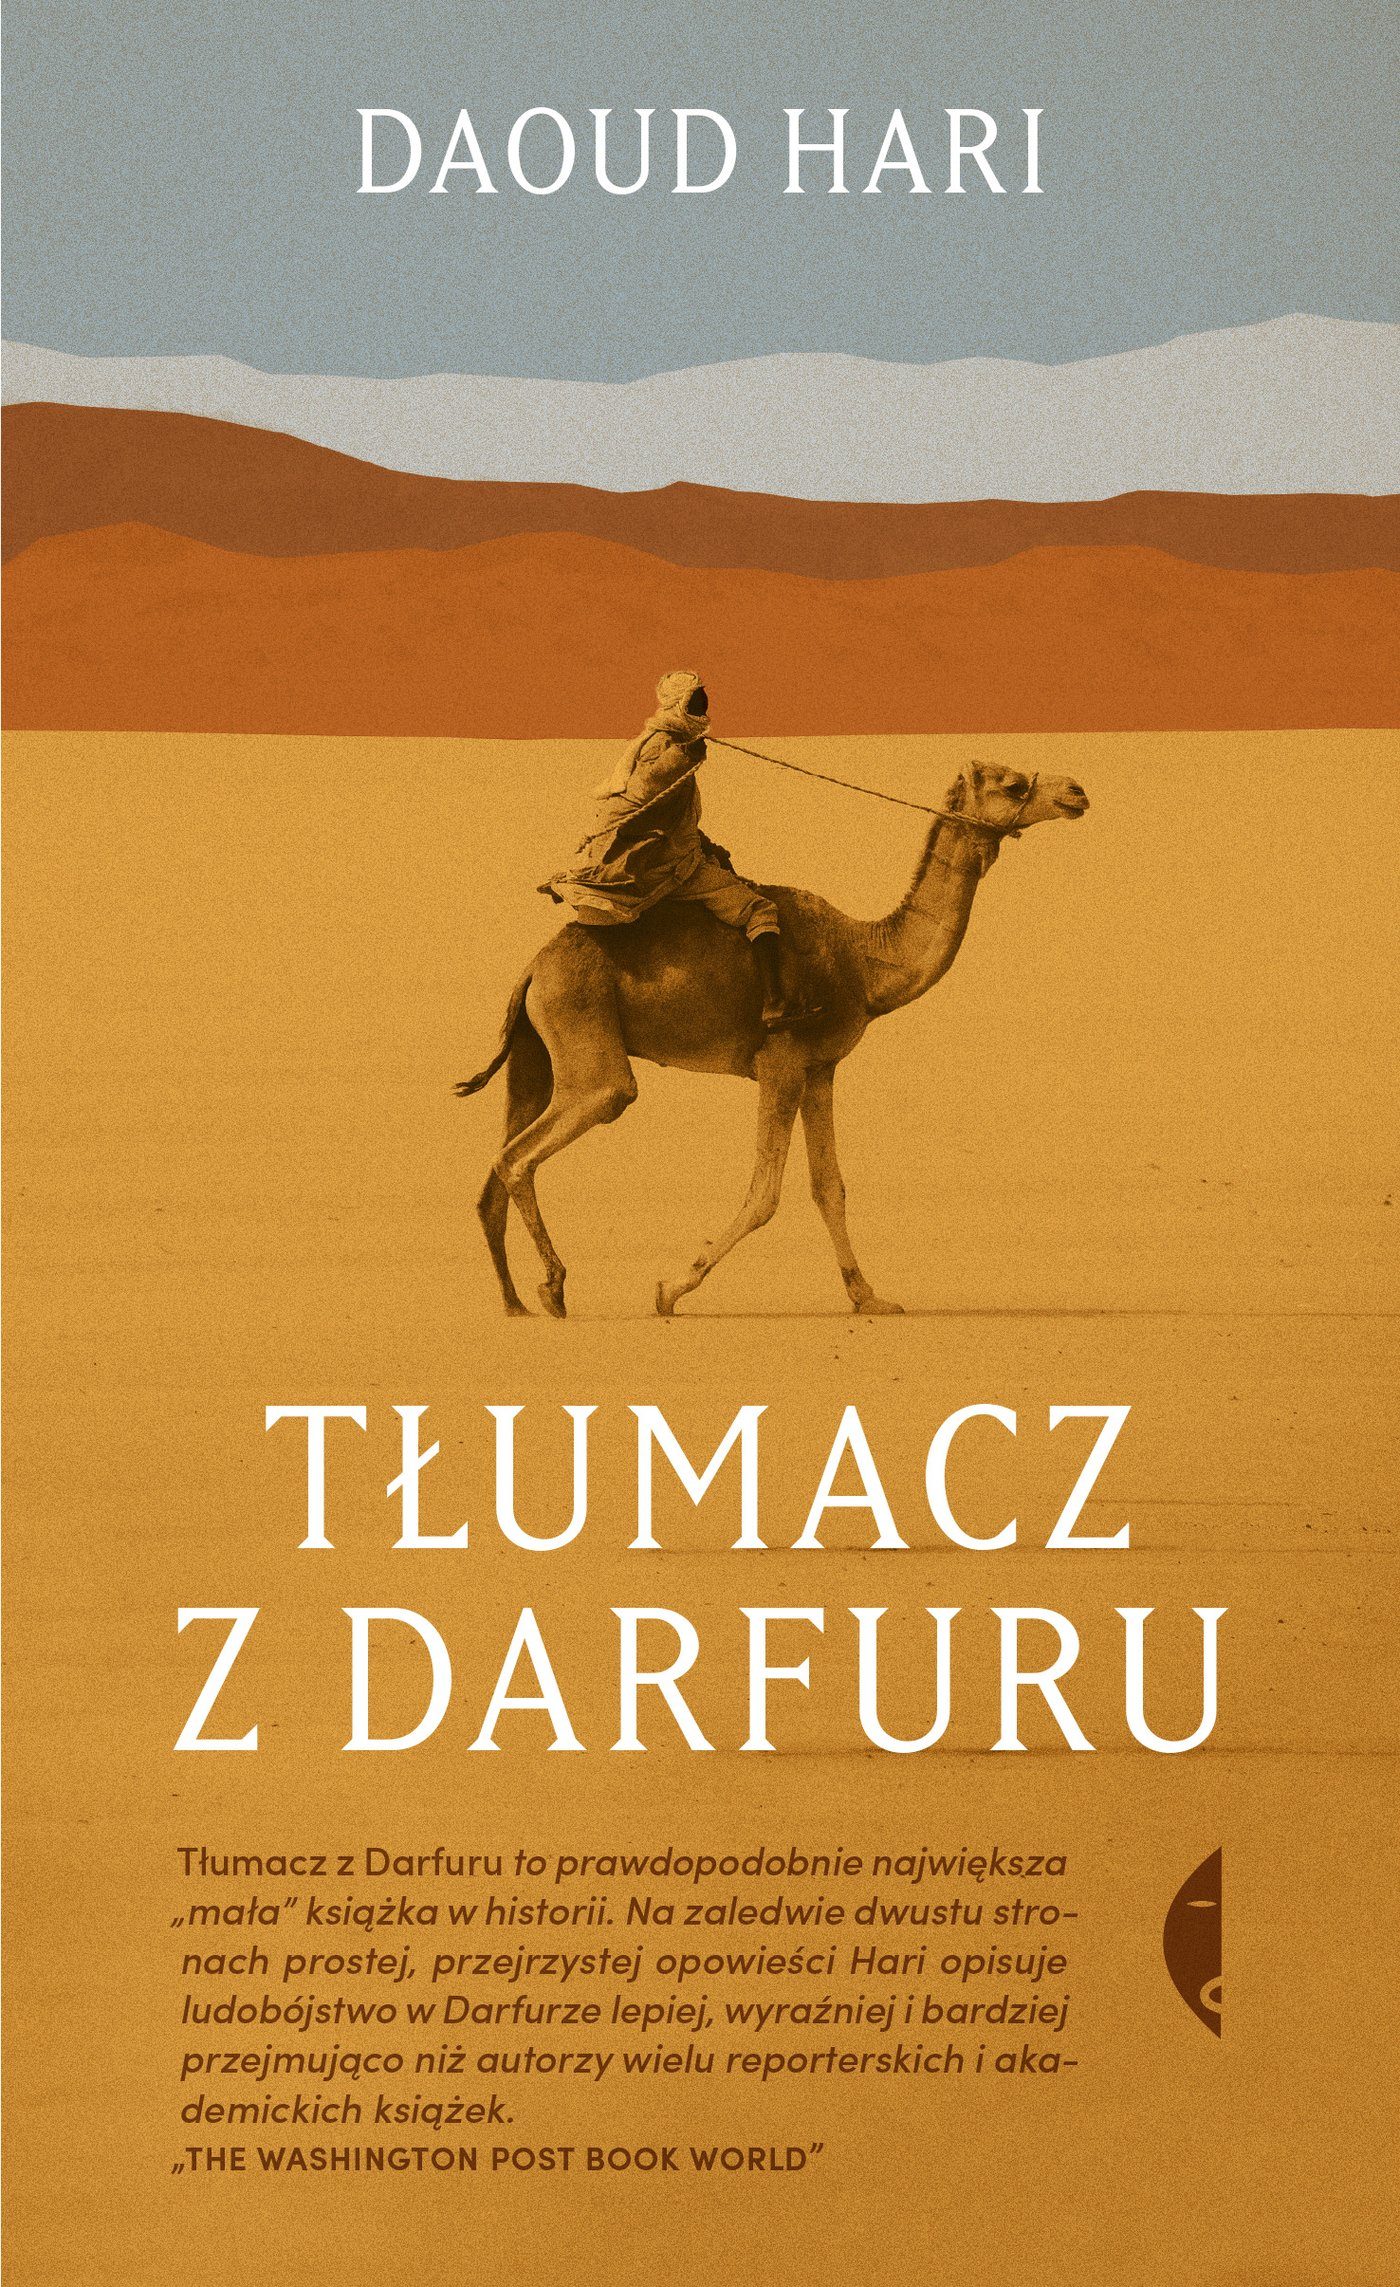 Tłumacz z Darfuru - Ebook (Książka na Kindle) do pobrania w formacie MOBI